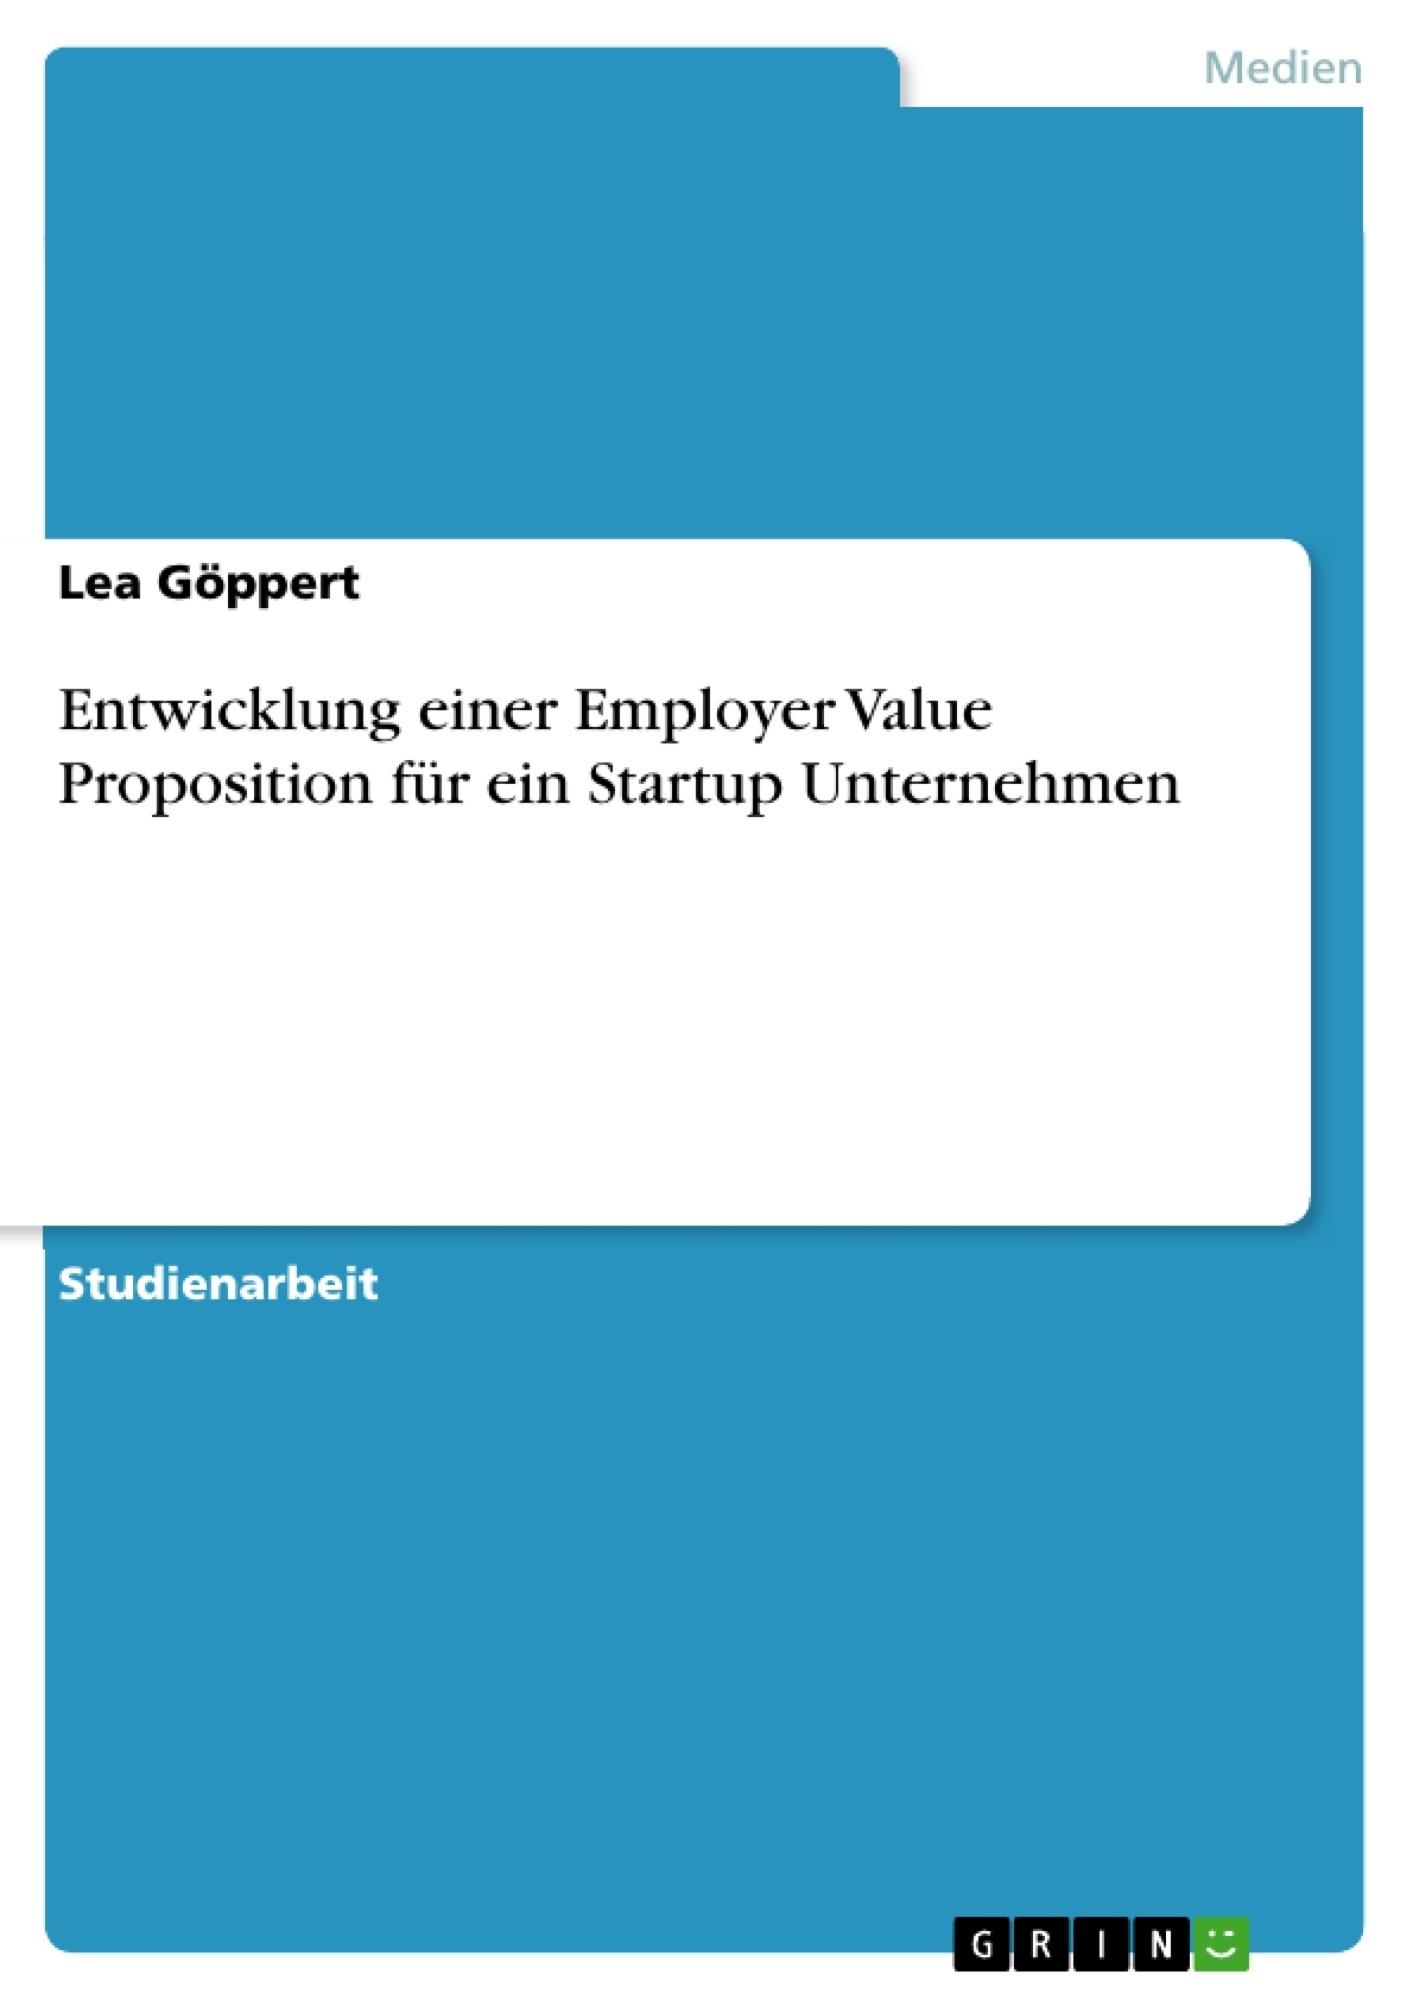 Titel: Entwicklung einer Employer Value Proposition für ein Startup Unternehmen